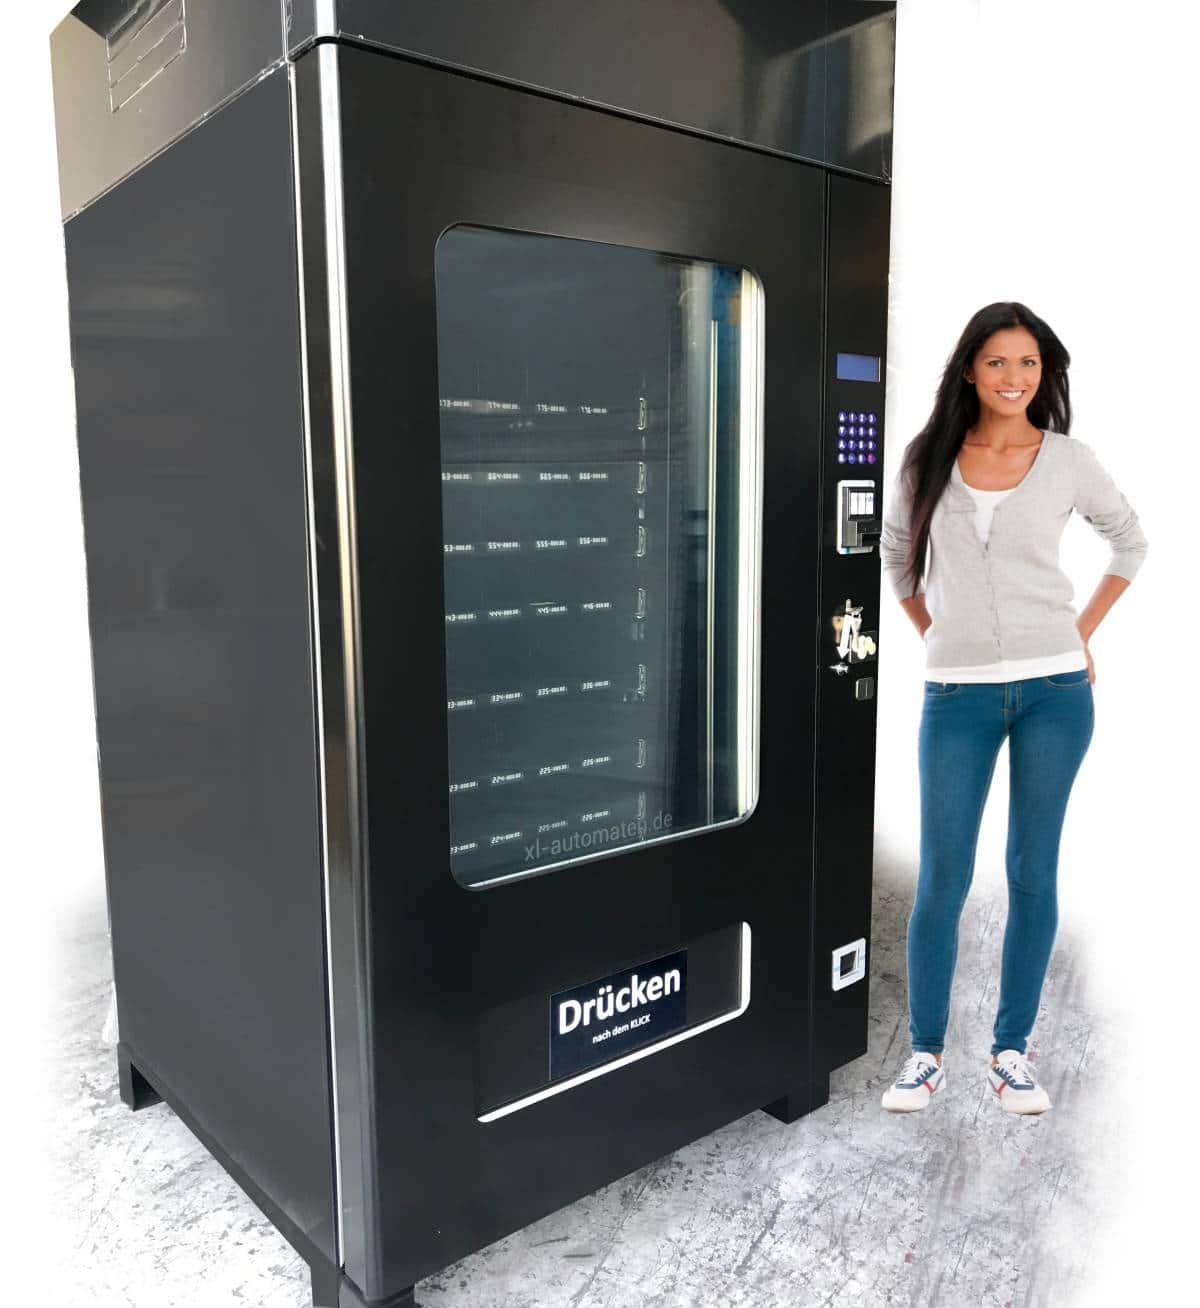 Tiefkühlautomat für Pizza, Eis und Fertiggerichte